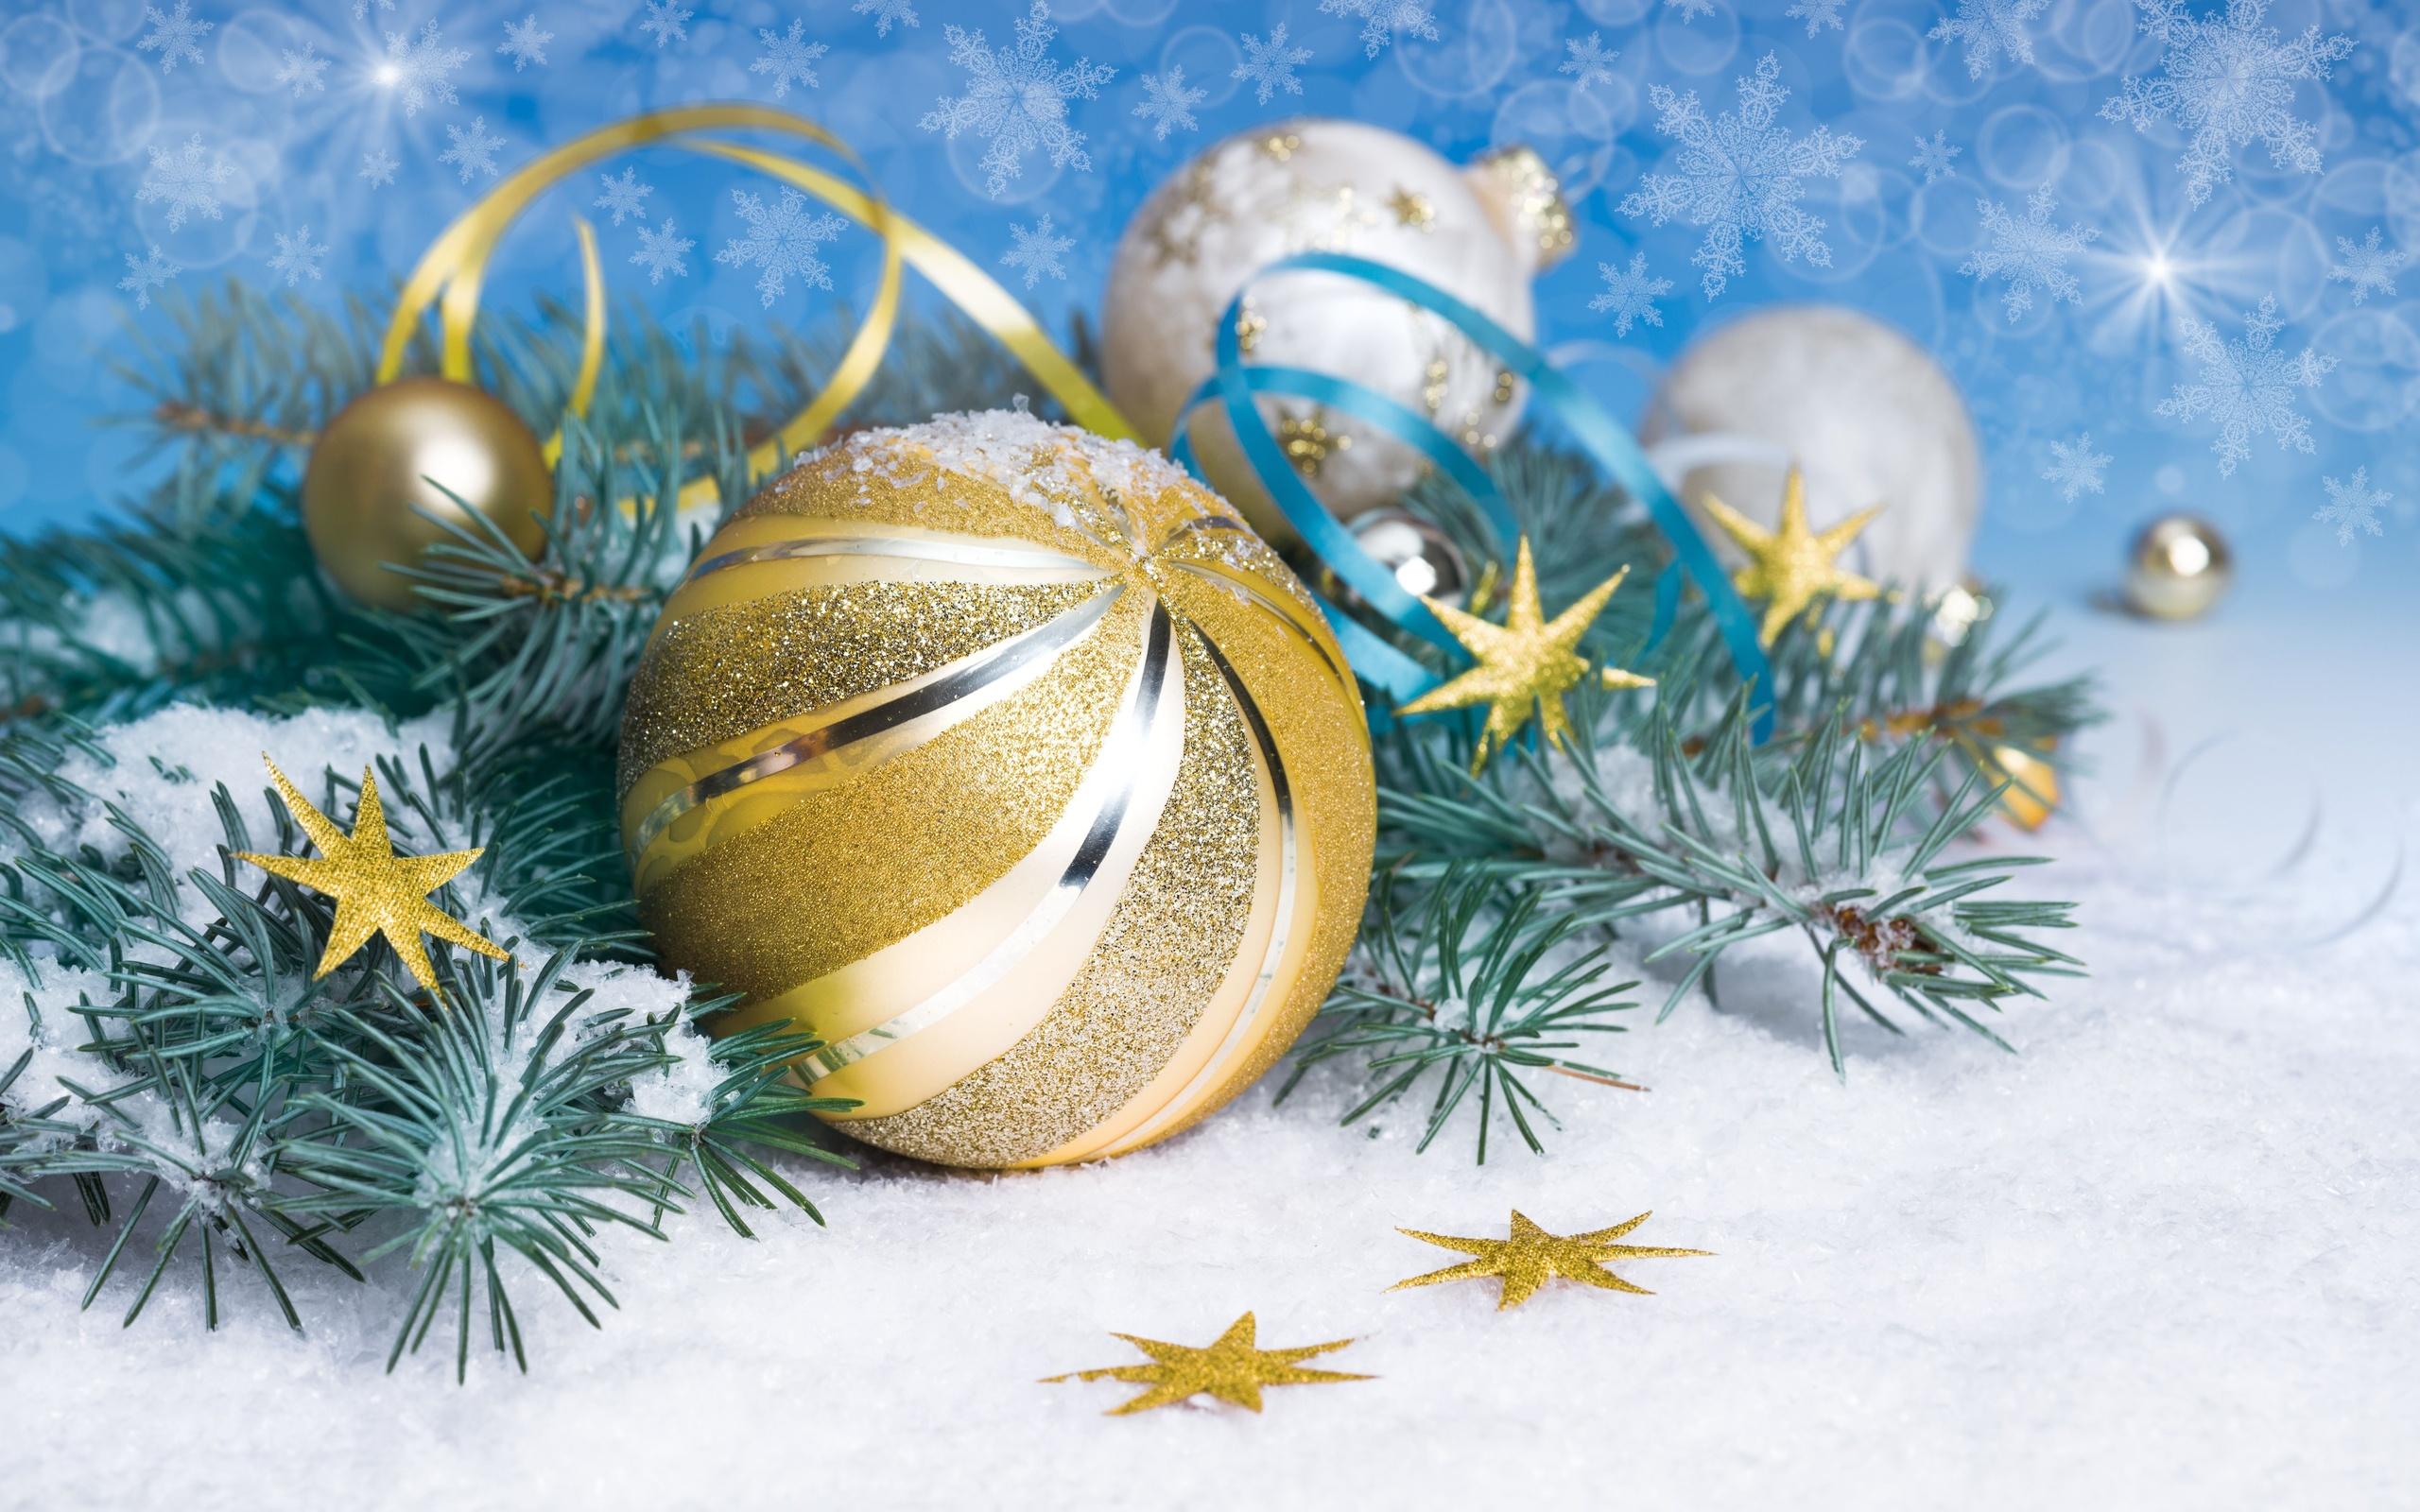 Новогодний золотистый шар - C наступающим новым годом 2021 поздравительные картинки